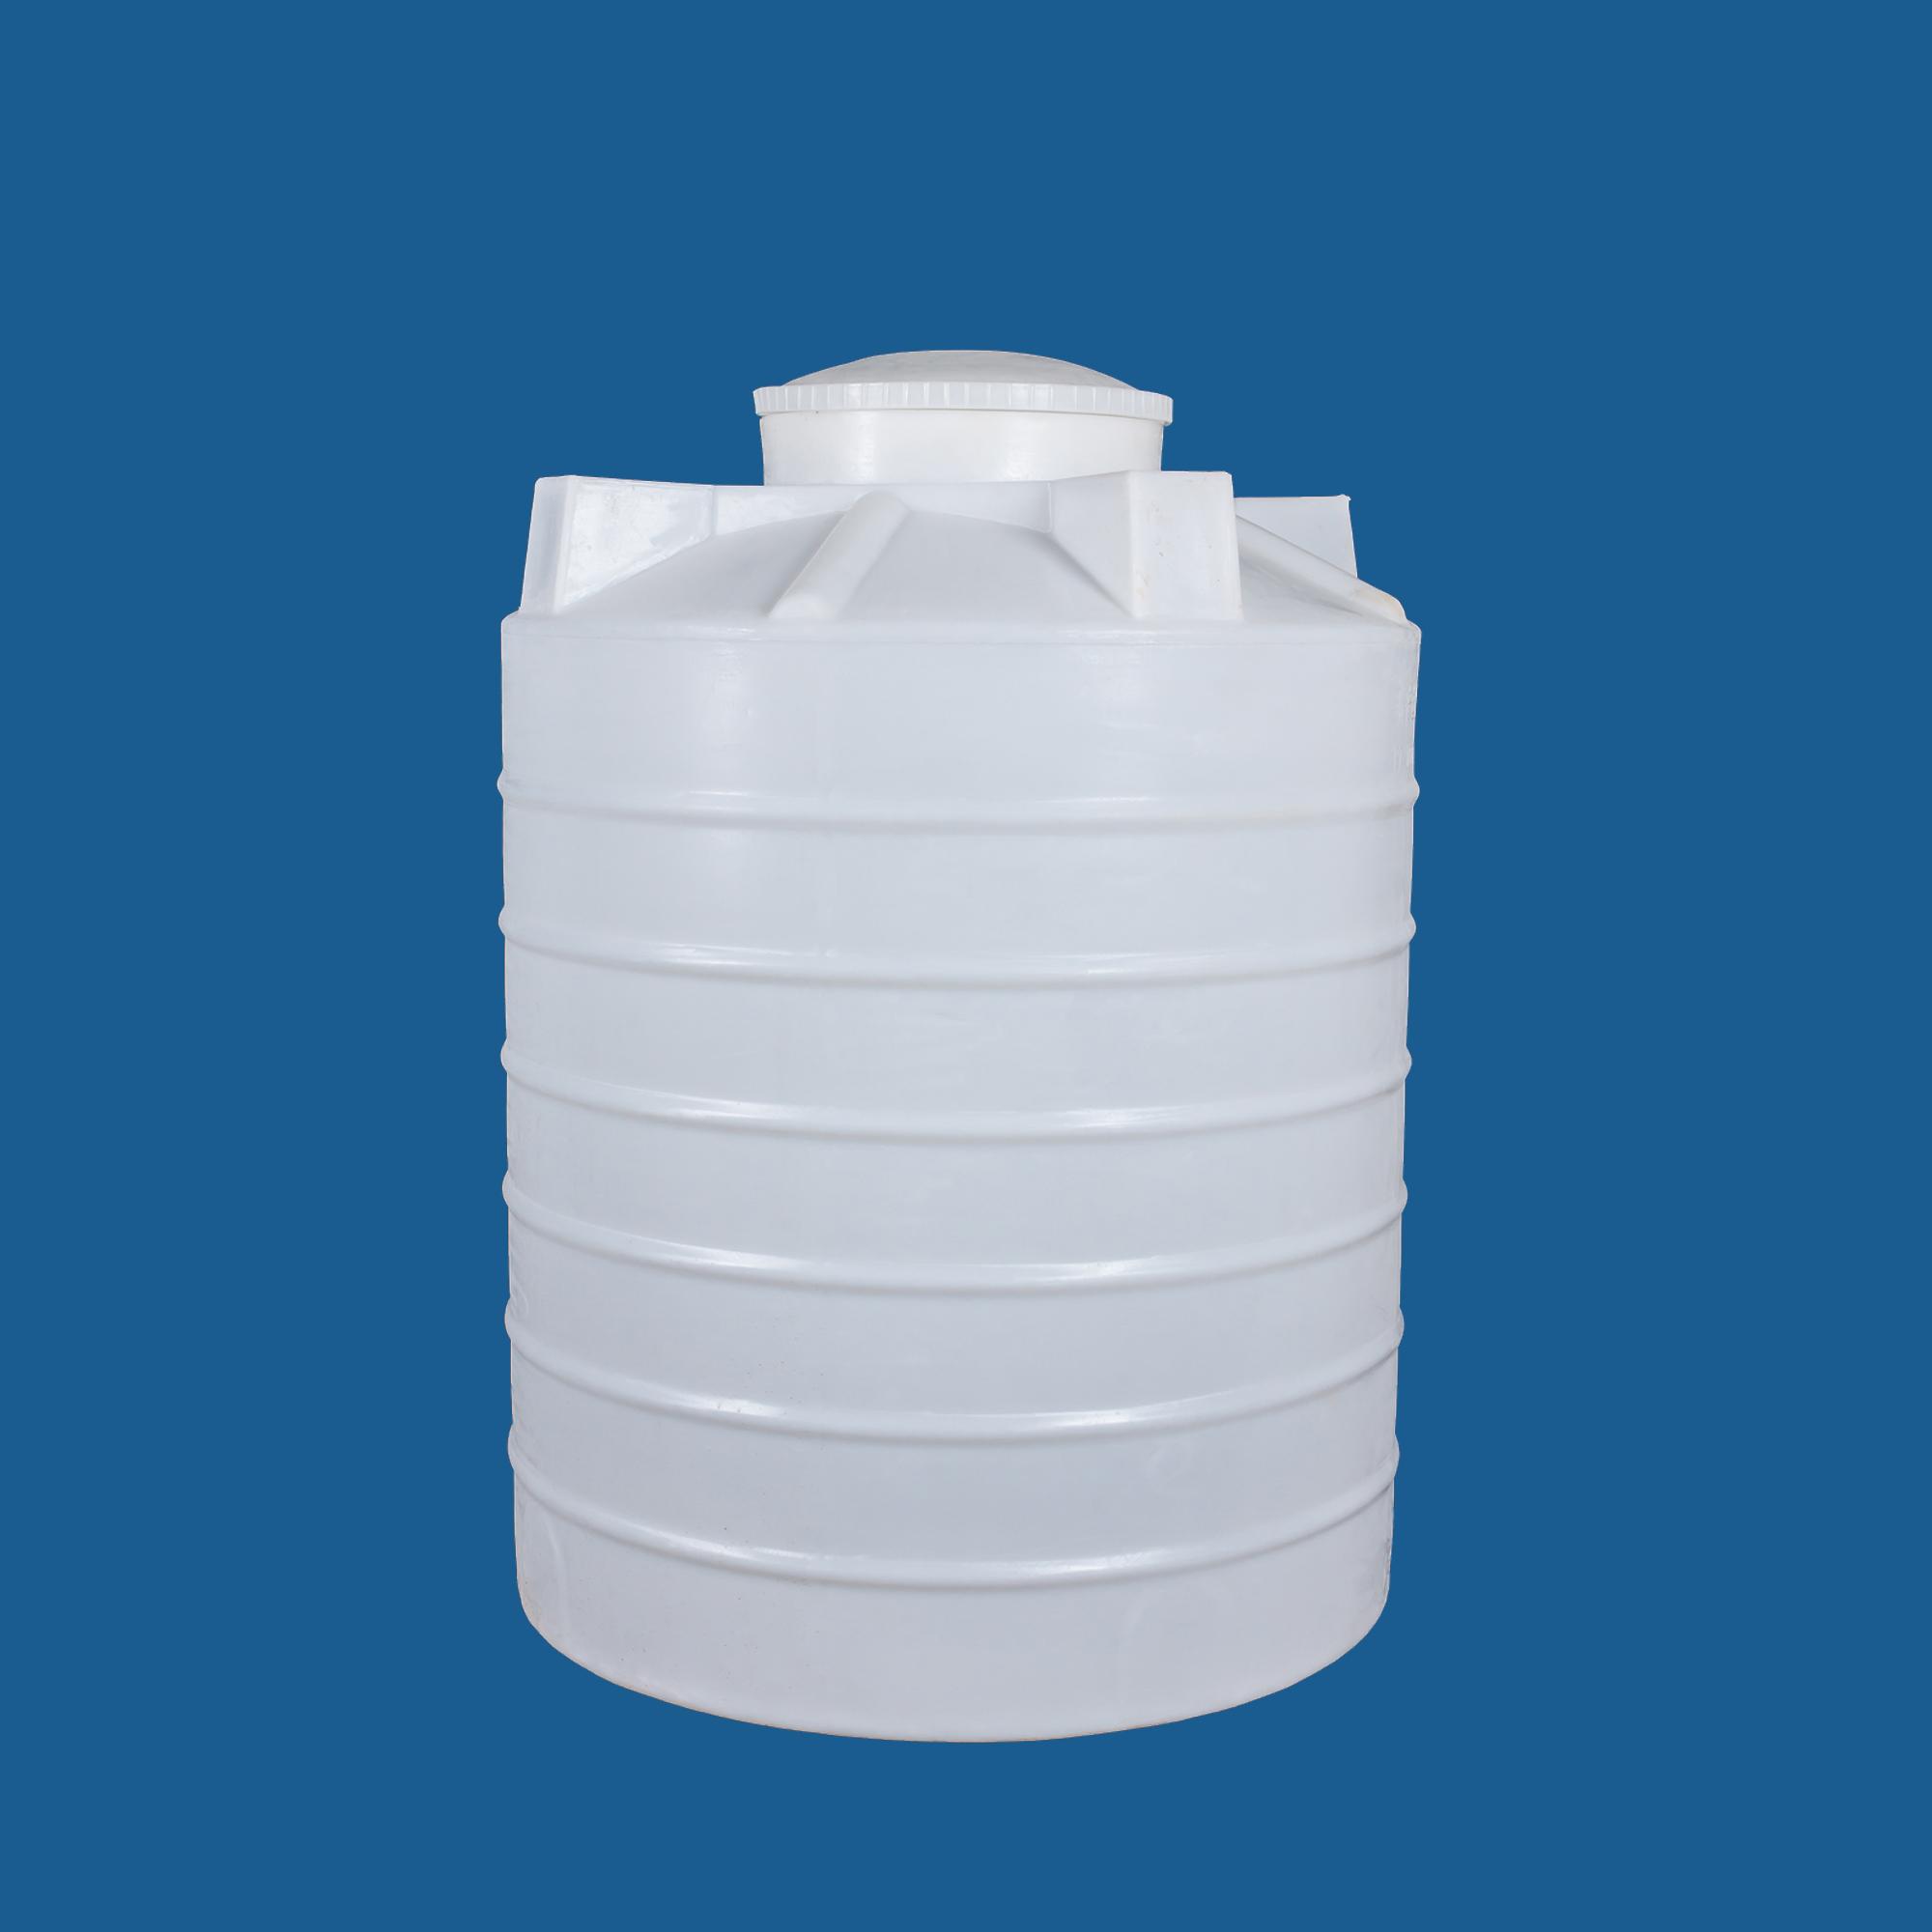 一个水桶的容积是50